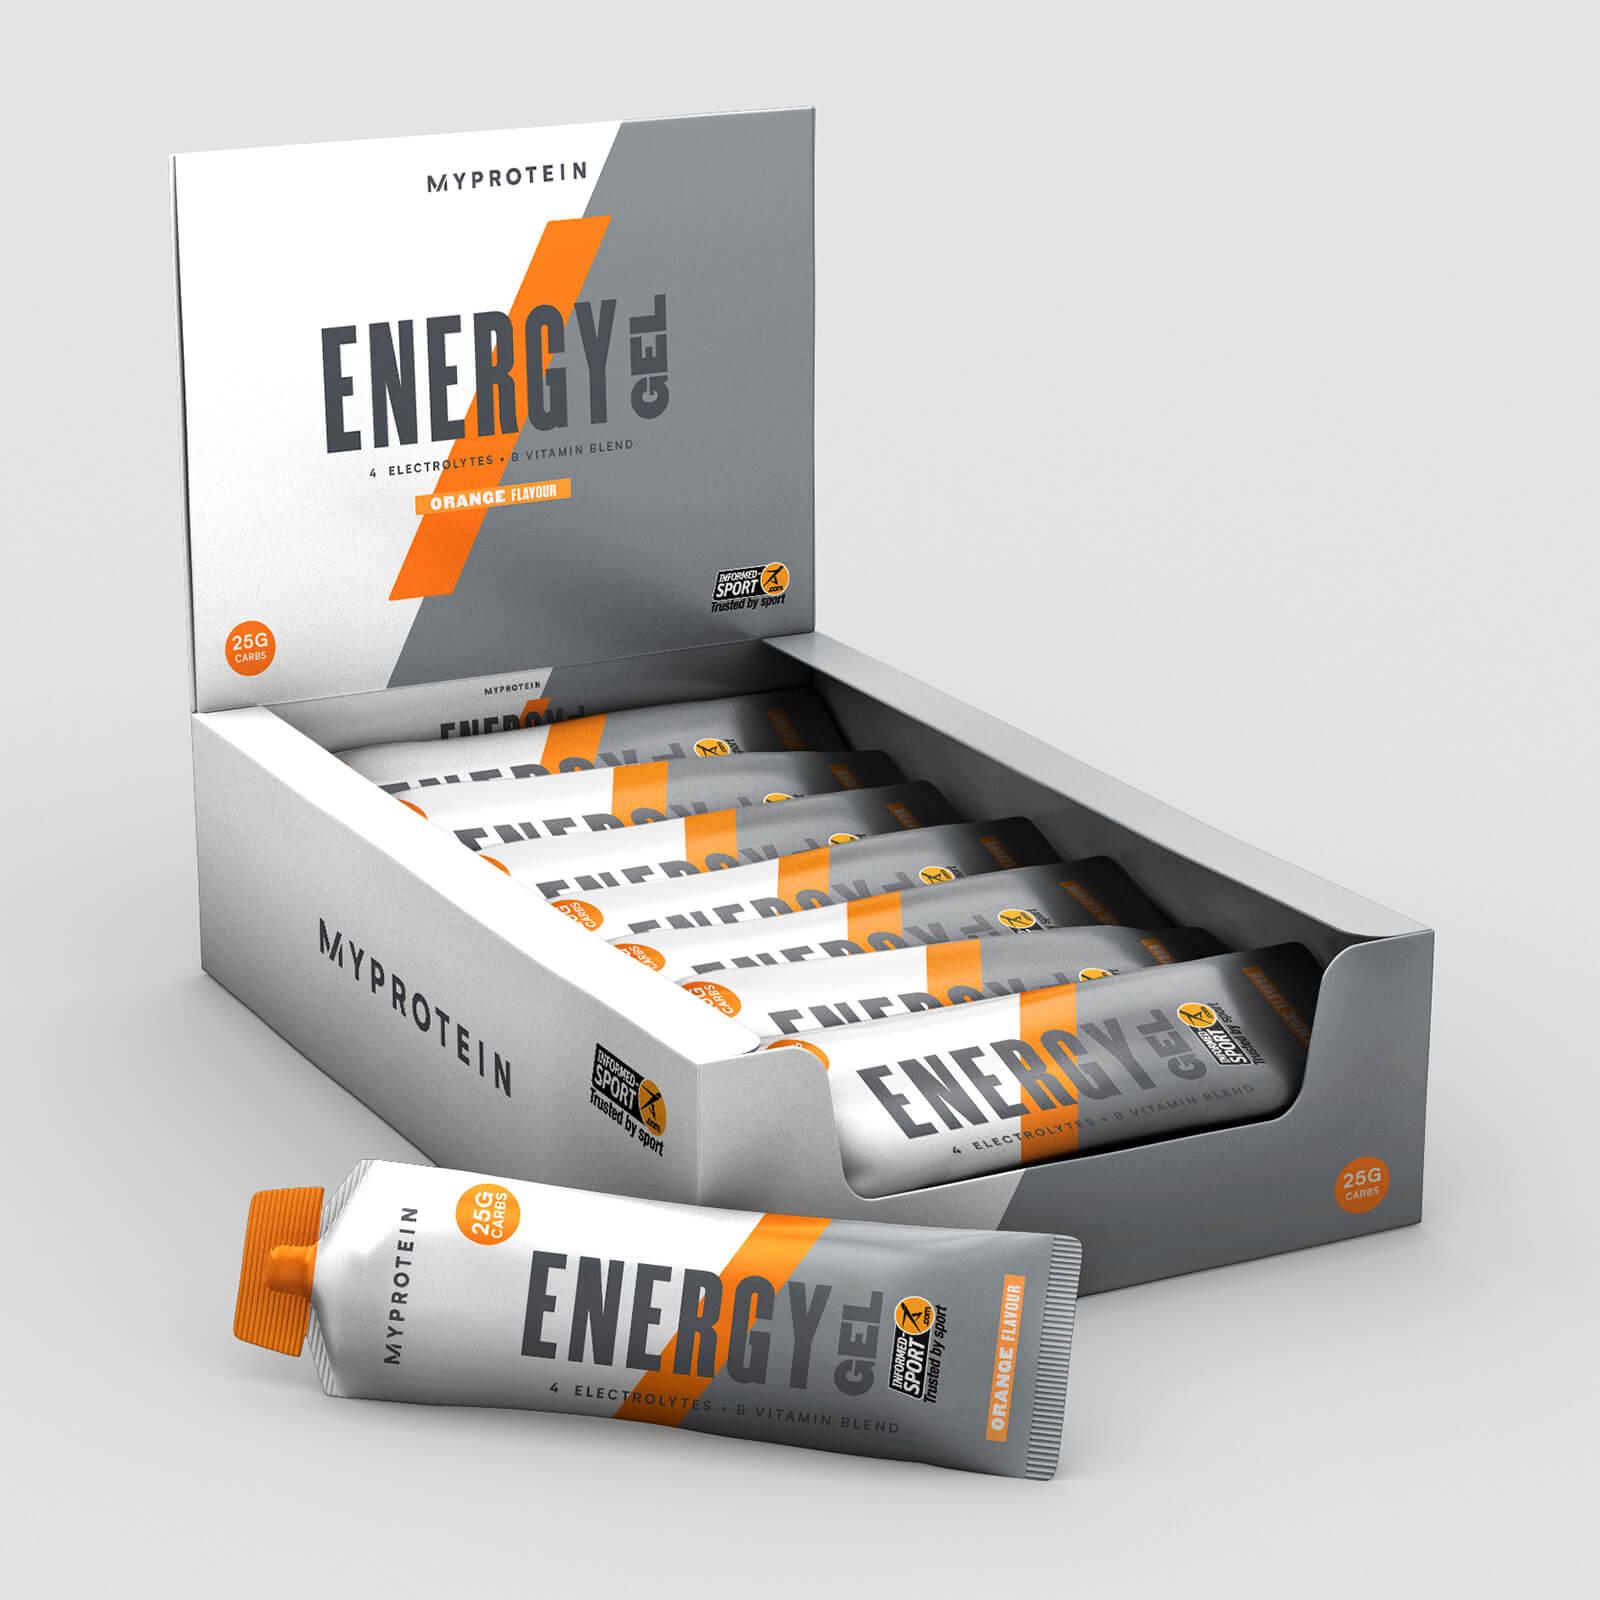 エナジー ゼリー エリート - 20 x 50g - オレンジ